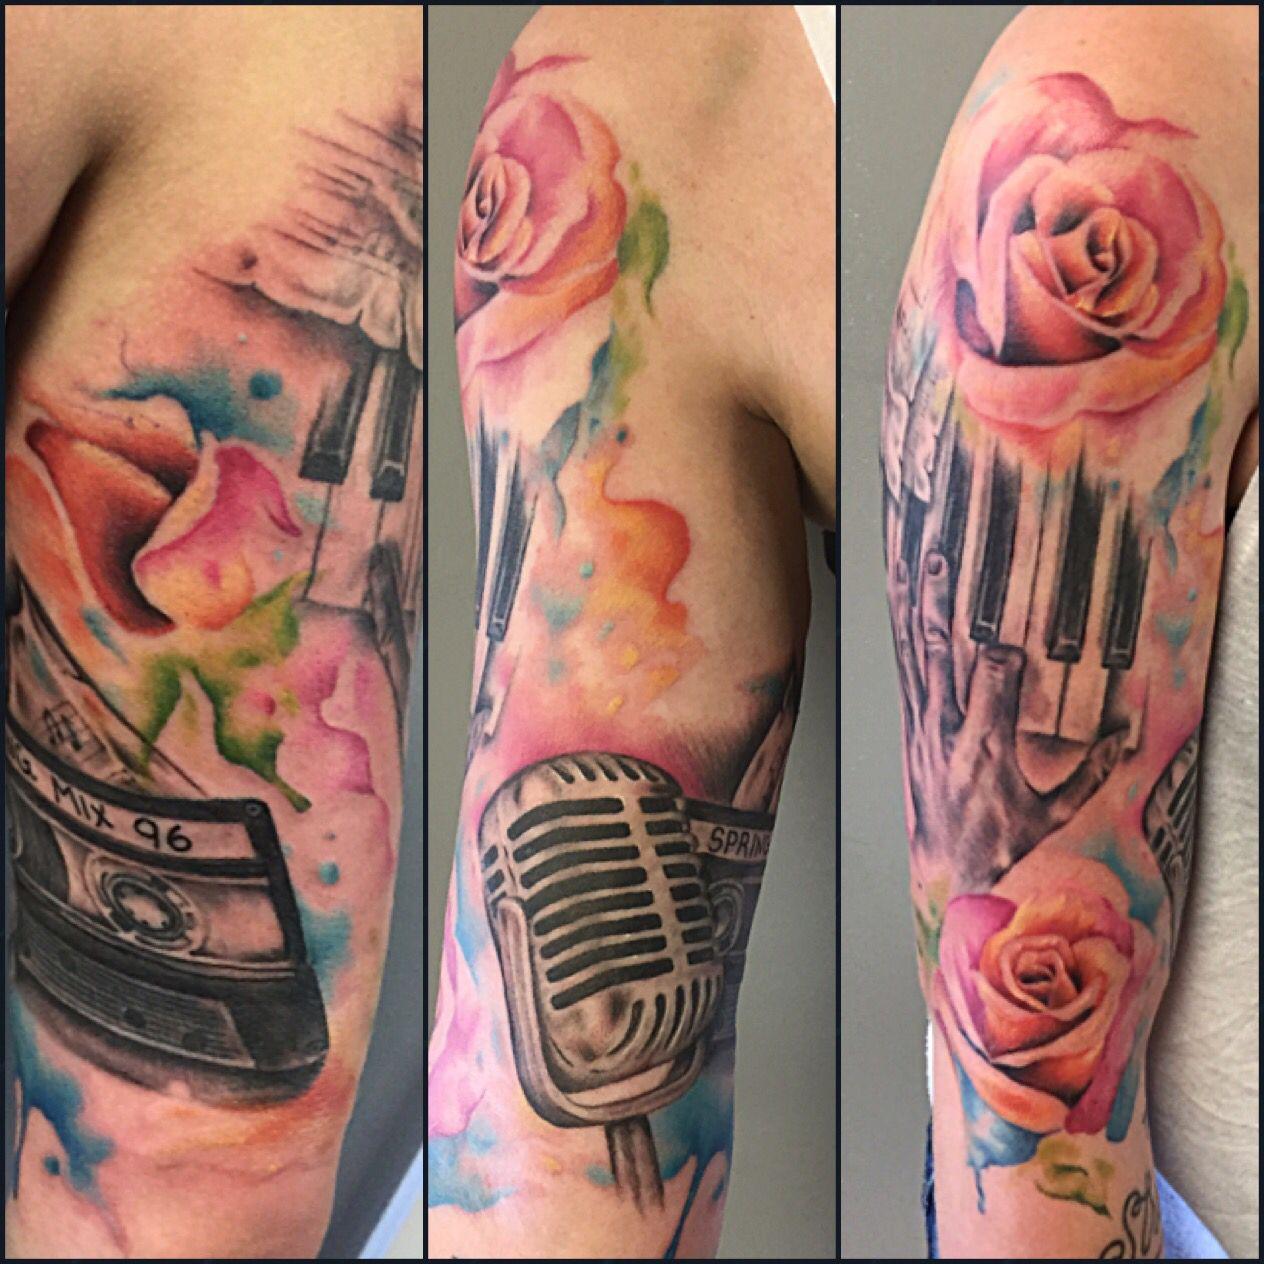 Tattoo Idea Paint Splatter Tattoo Splatter Tattoo Abstract Tattoo